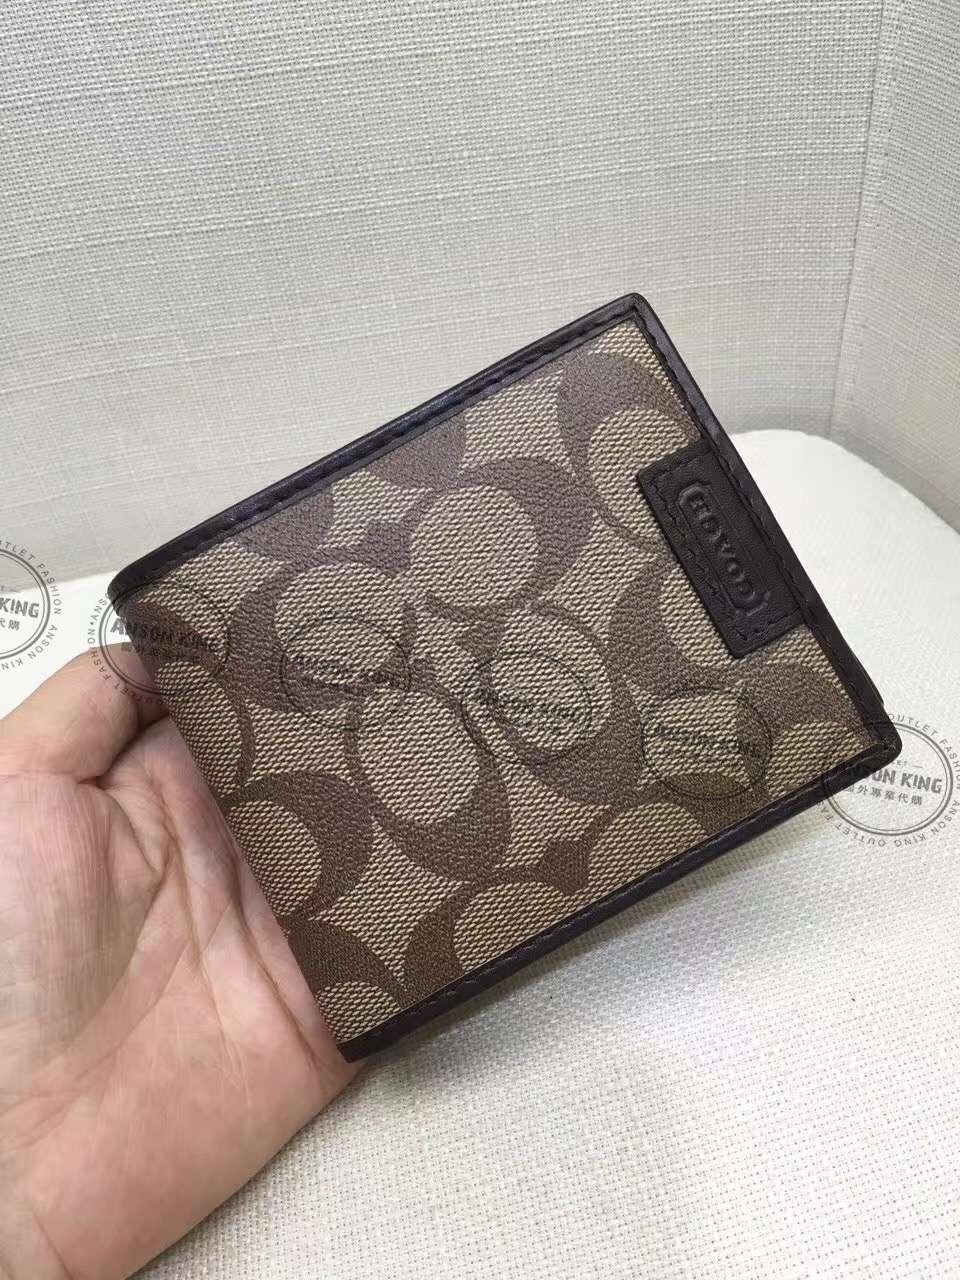 美國Outlet代購 Coach 全新正品 F74586 歐普印花二折短夾 卡其色 皮包 零錢包 多色可選